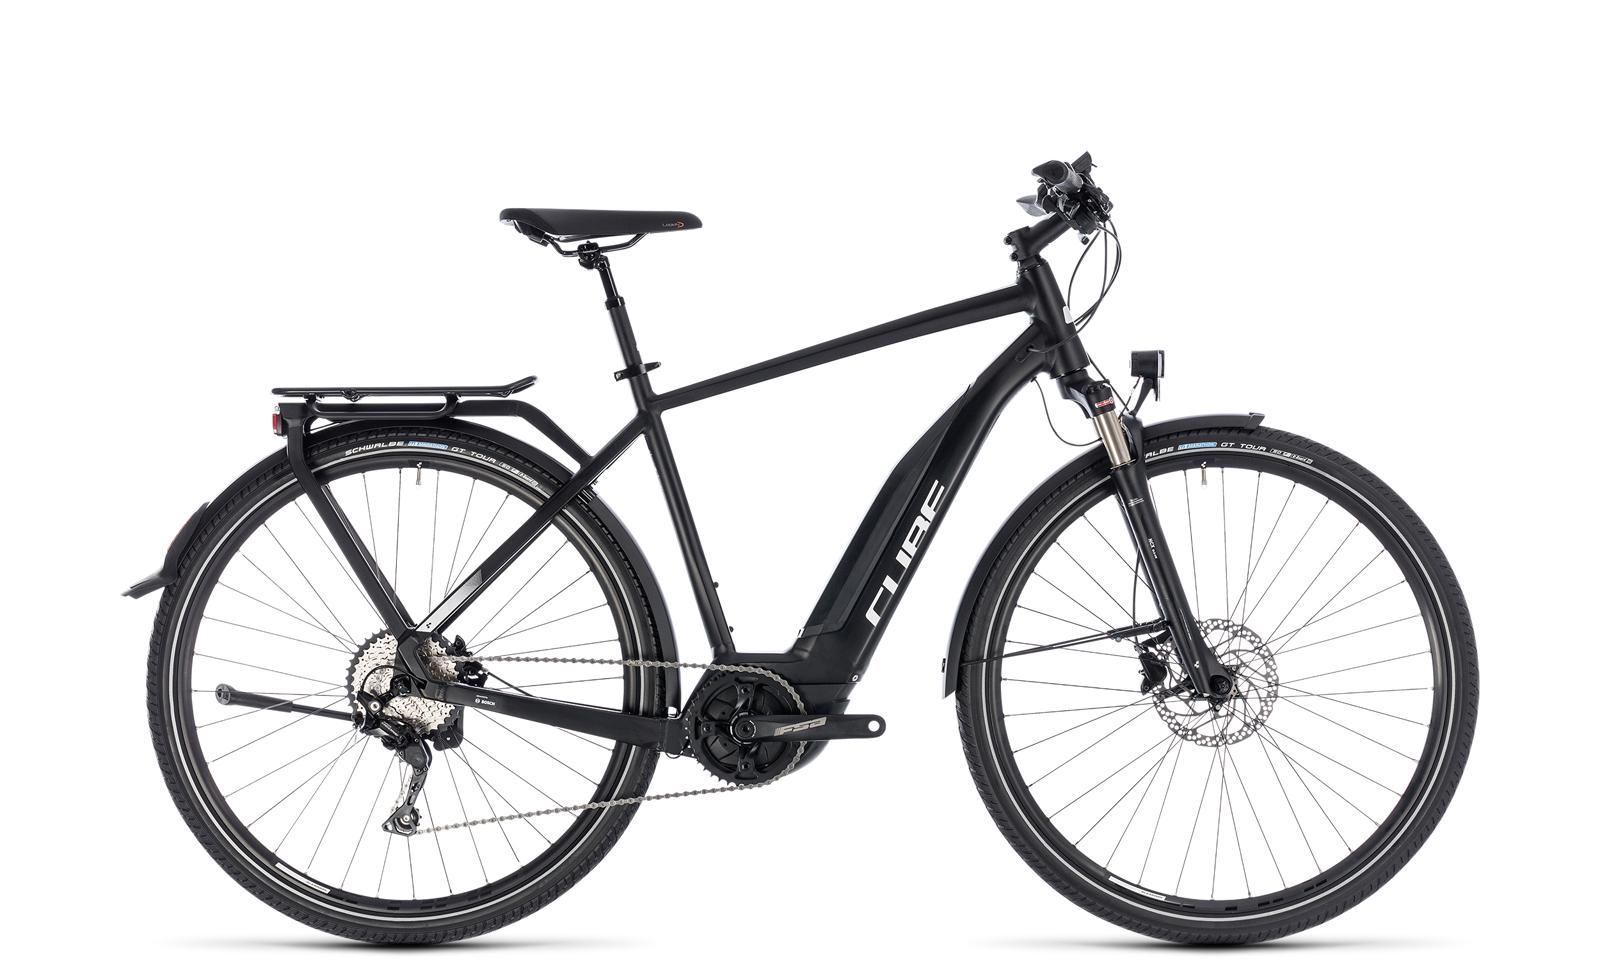 cube touring hybrid pro 400 herren trekking pedelec e bike fahrrad schwarz wei 2018 von top. Black Bedroom Furniture Sets. Home Design Ideas